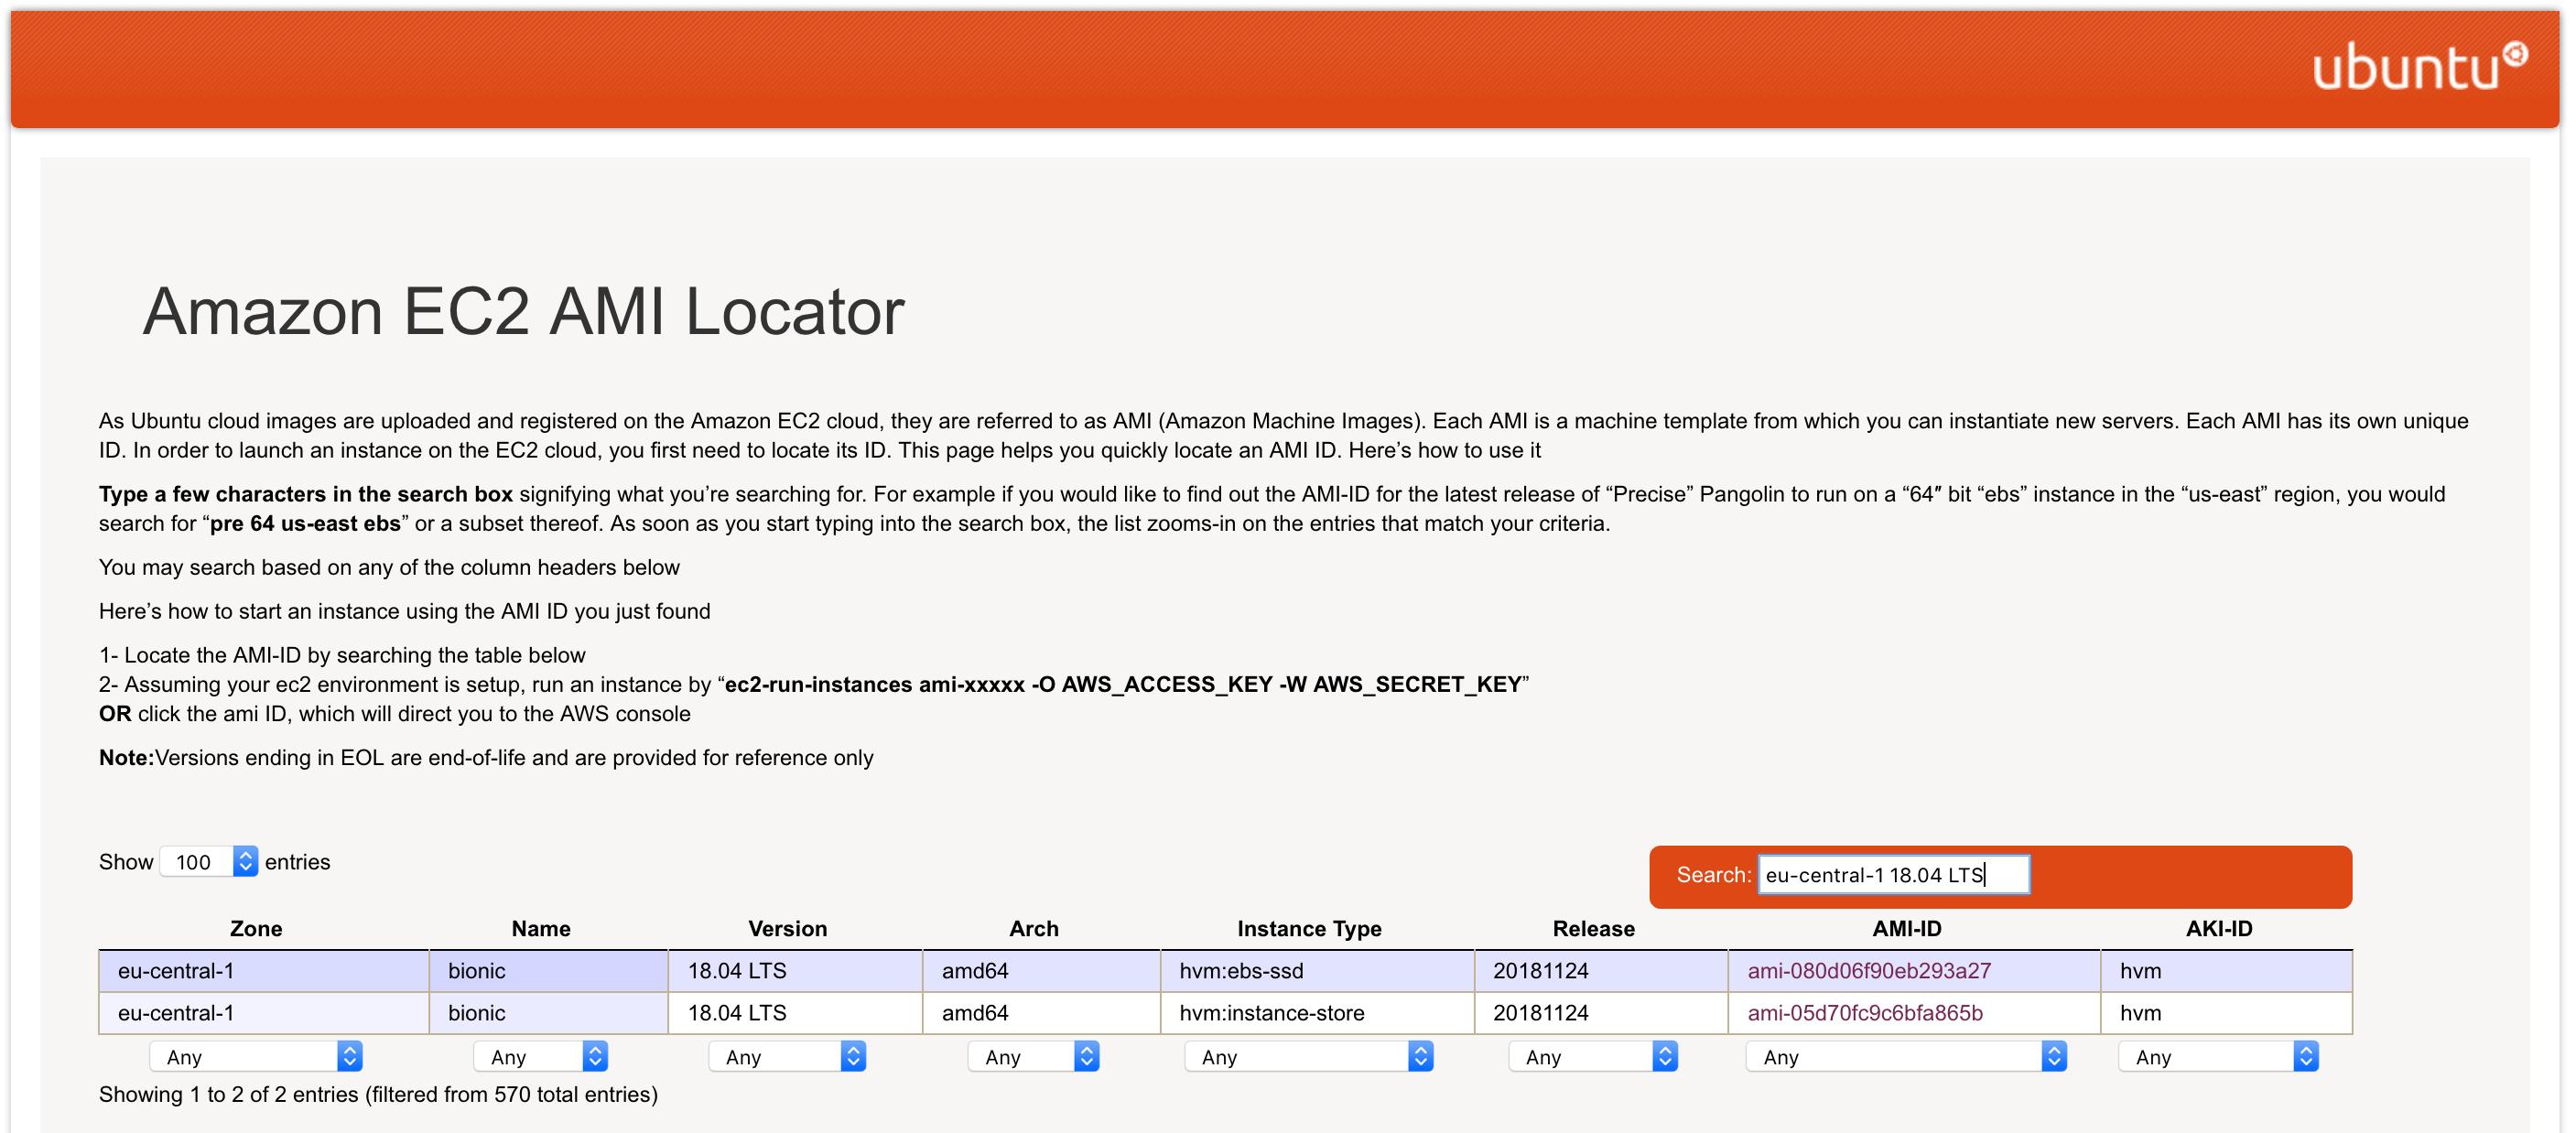 ubuntu-Amazon-EC2-AMI-Locator